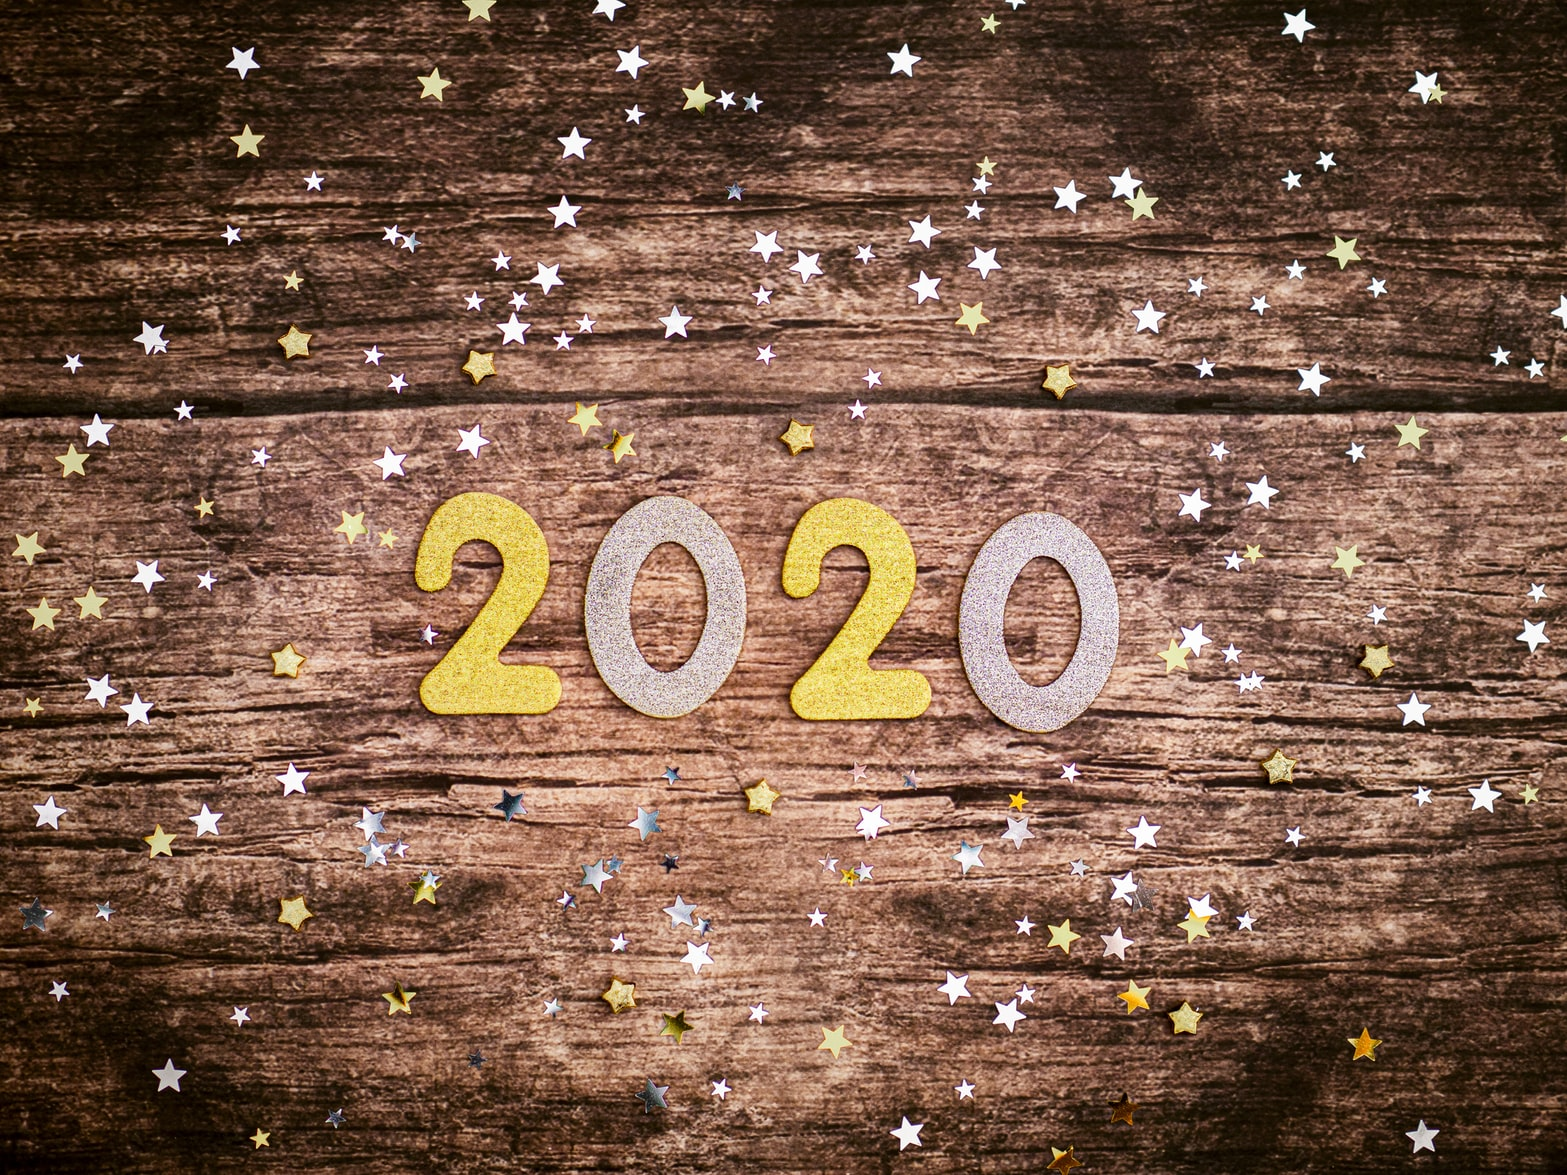 2020 with confetti